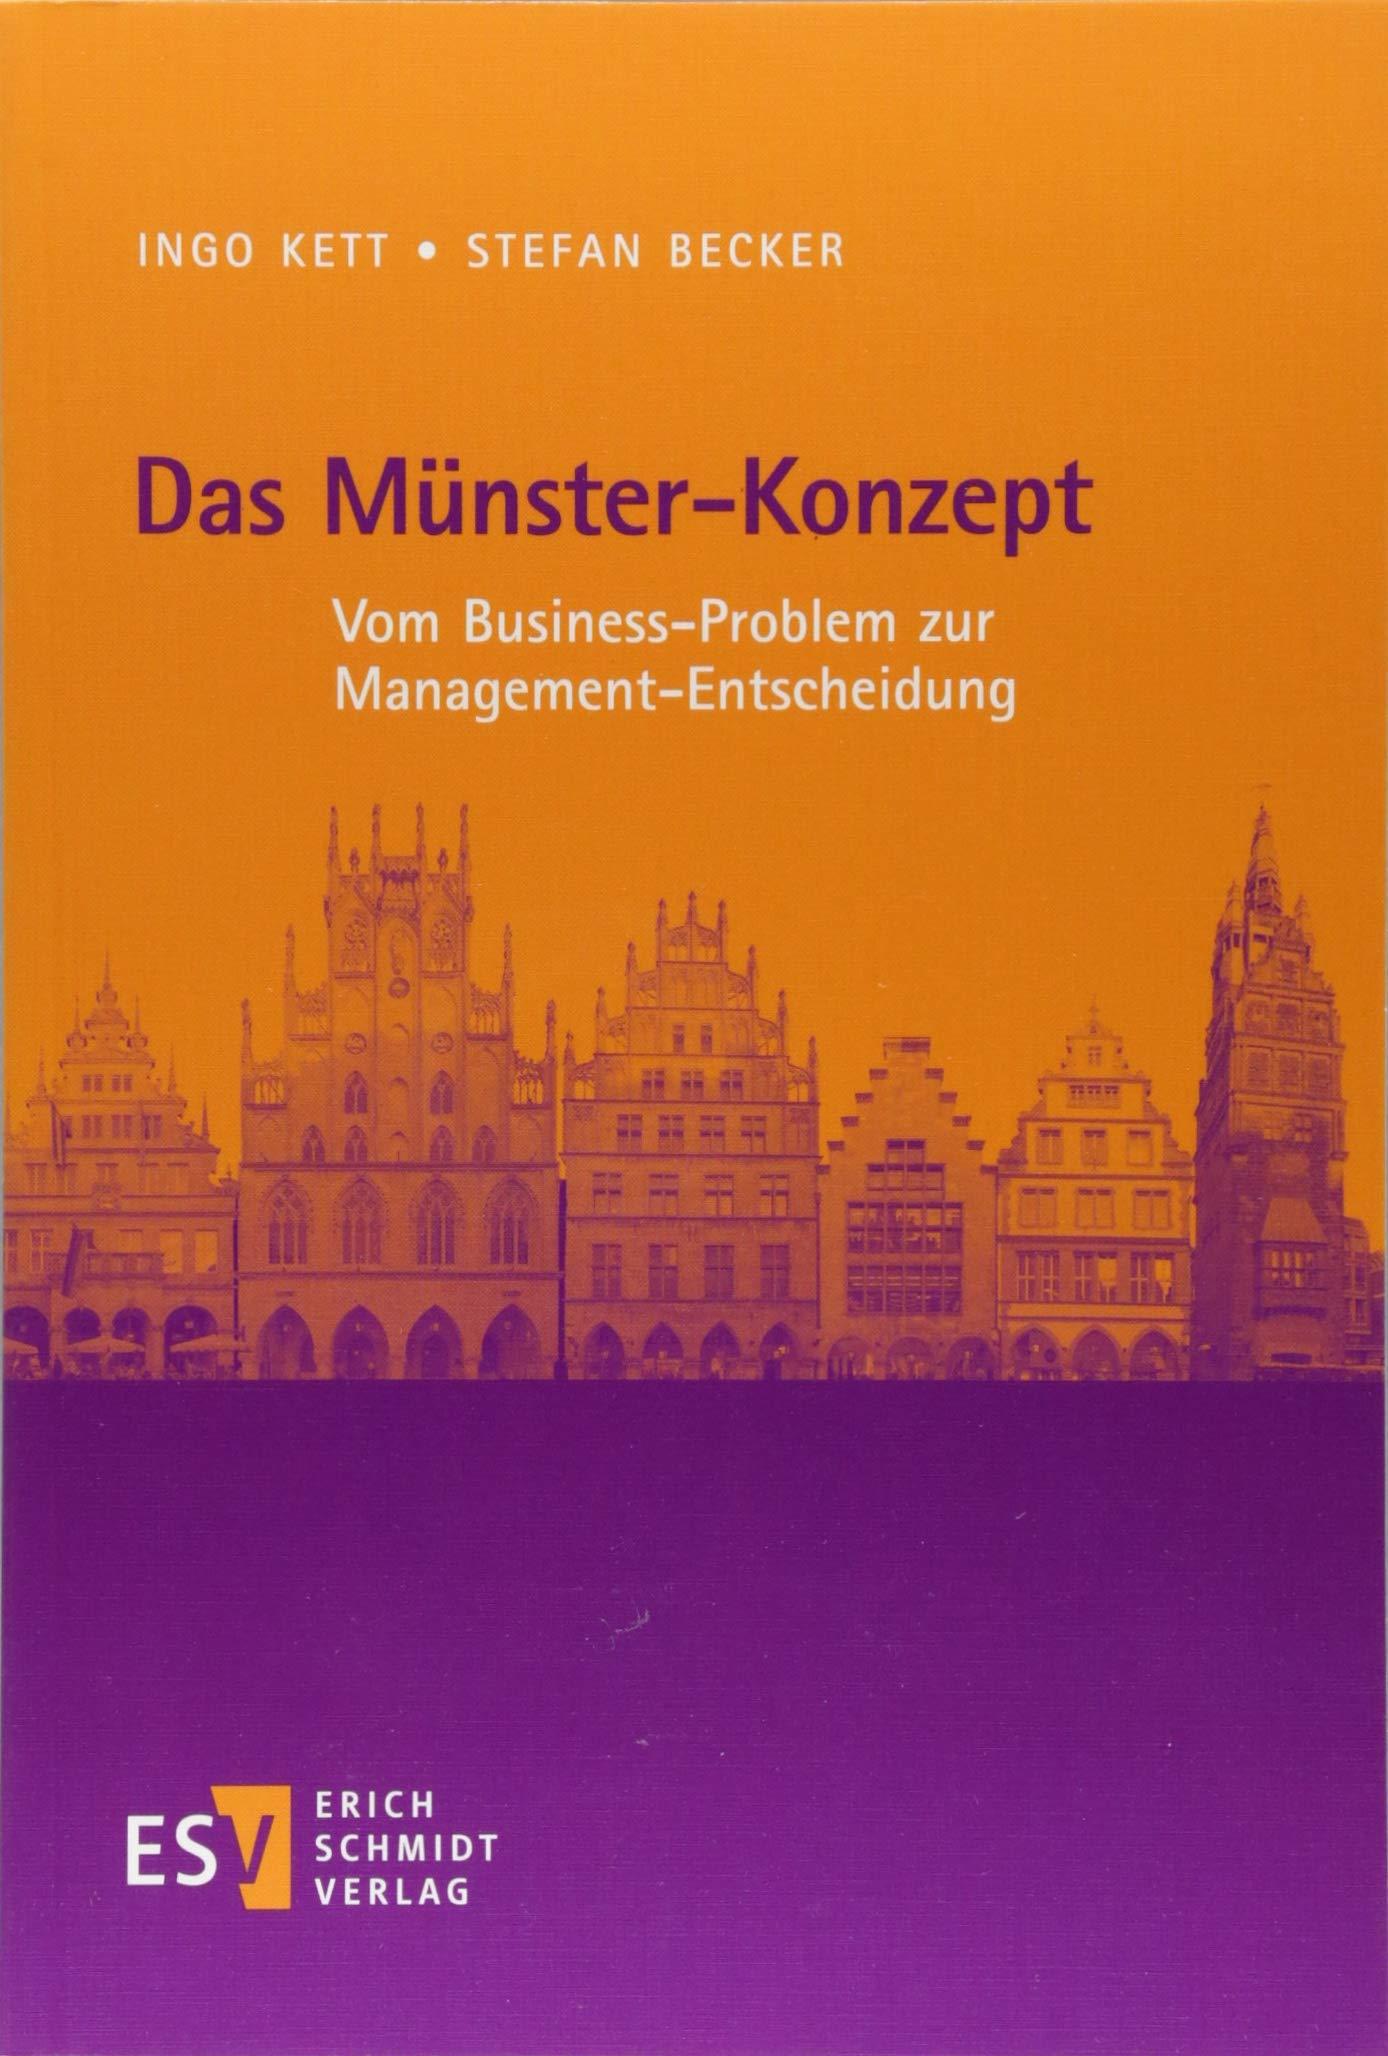 Das Münster-Konzept: Vom Business-Problem zur Management-Entscheidung Taschenbuch – 3. August 2018 Prof. Dr. Ingo Kett Prof. Dr. Stefan Becker 3503181253 Sozialwissenschaft